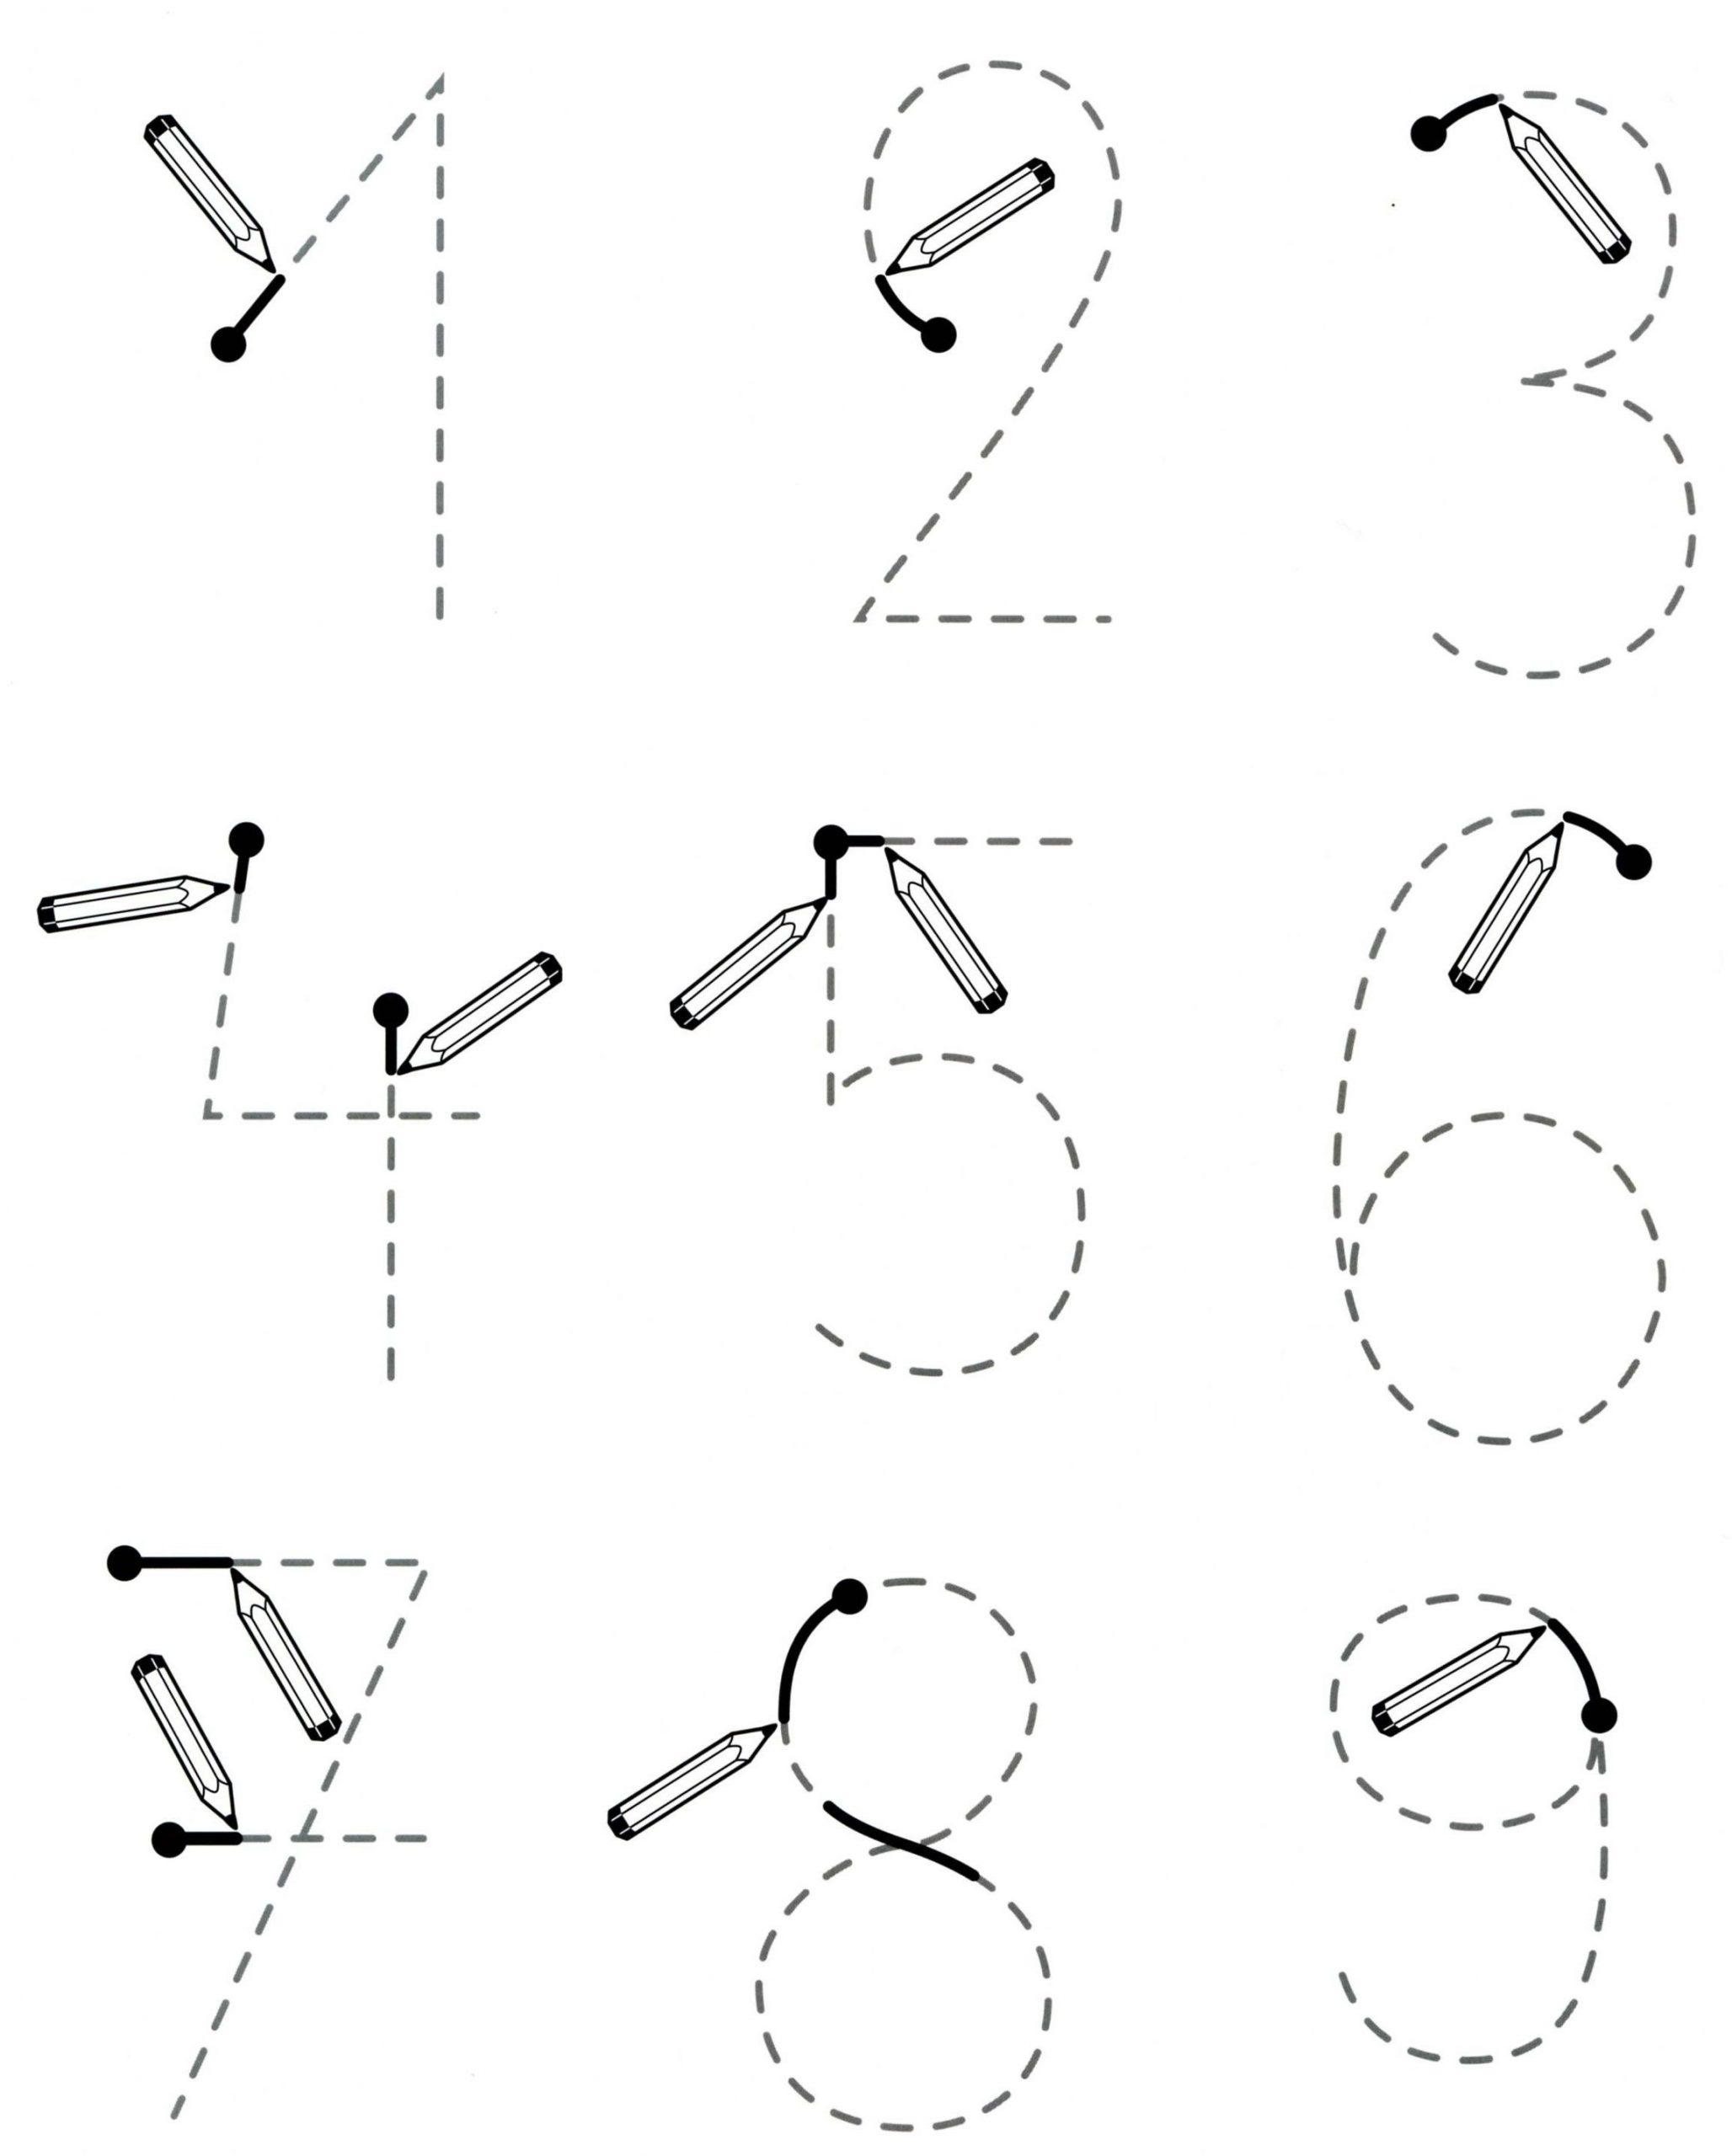 Graphisme Maternelle A Imprimer Gratuit Beau Graphisme concernant Exercice De Maternelle A Imprimer Gratuit